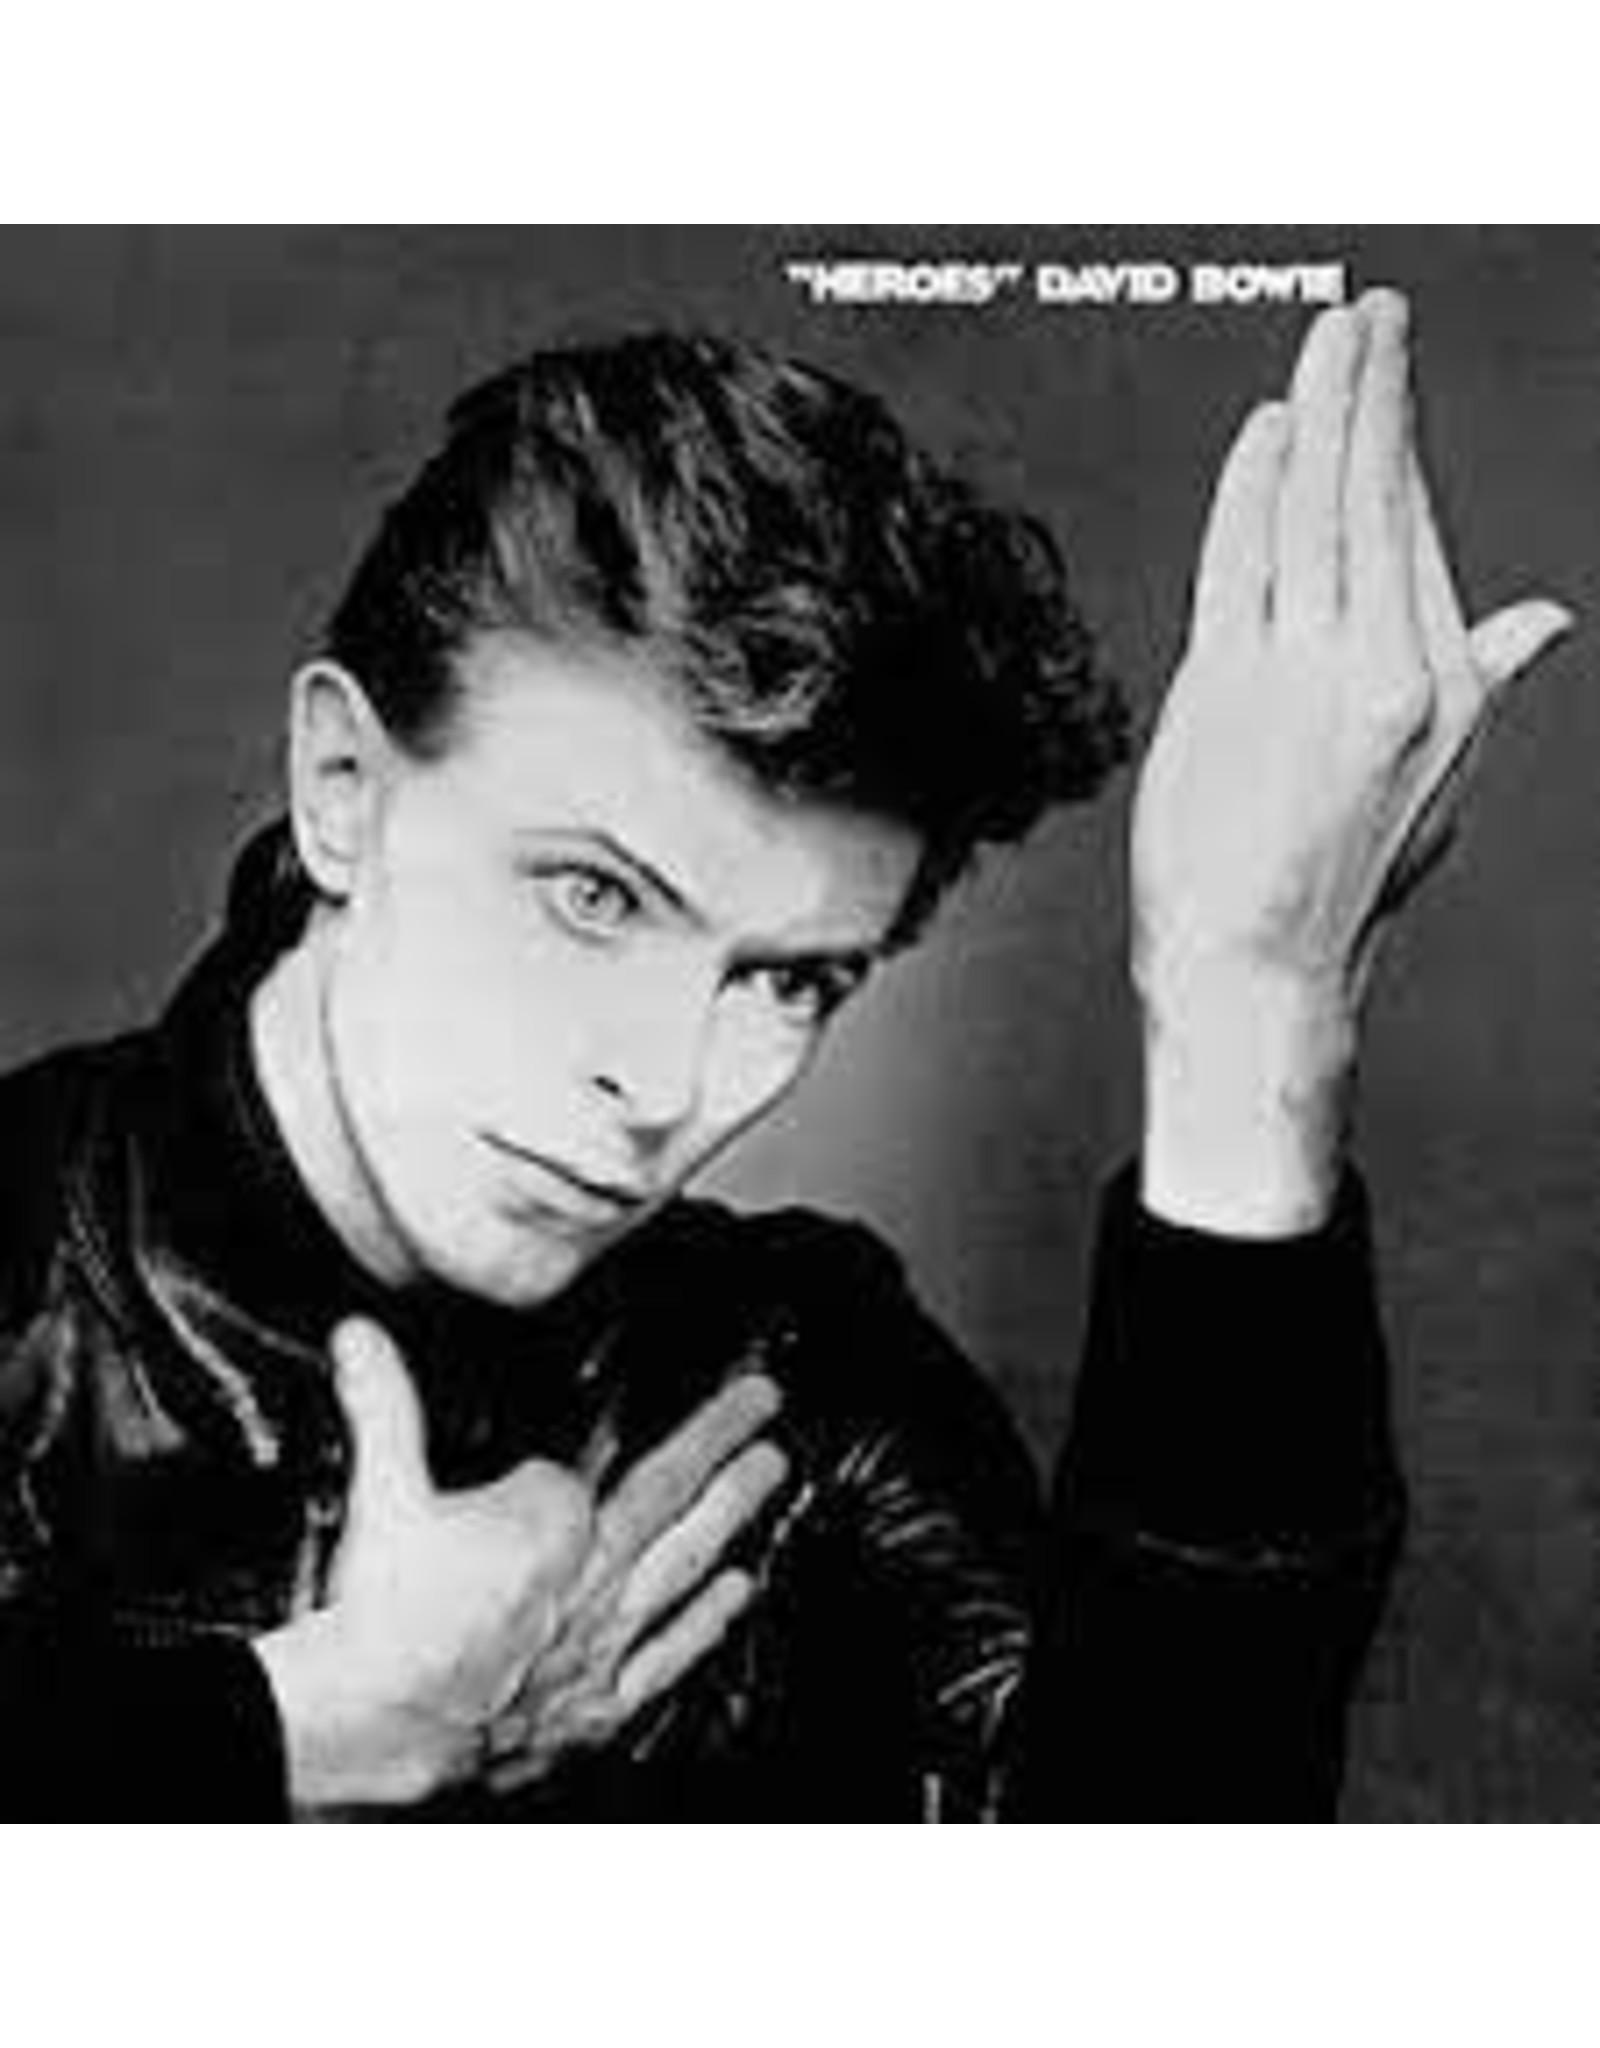 Bowie, David - Heroes 180G LP